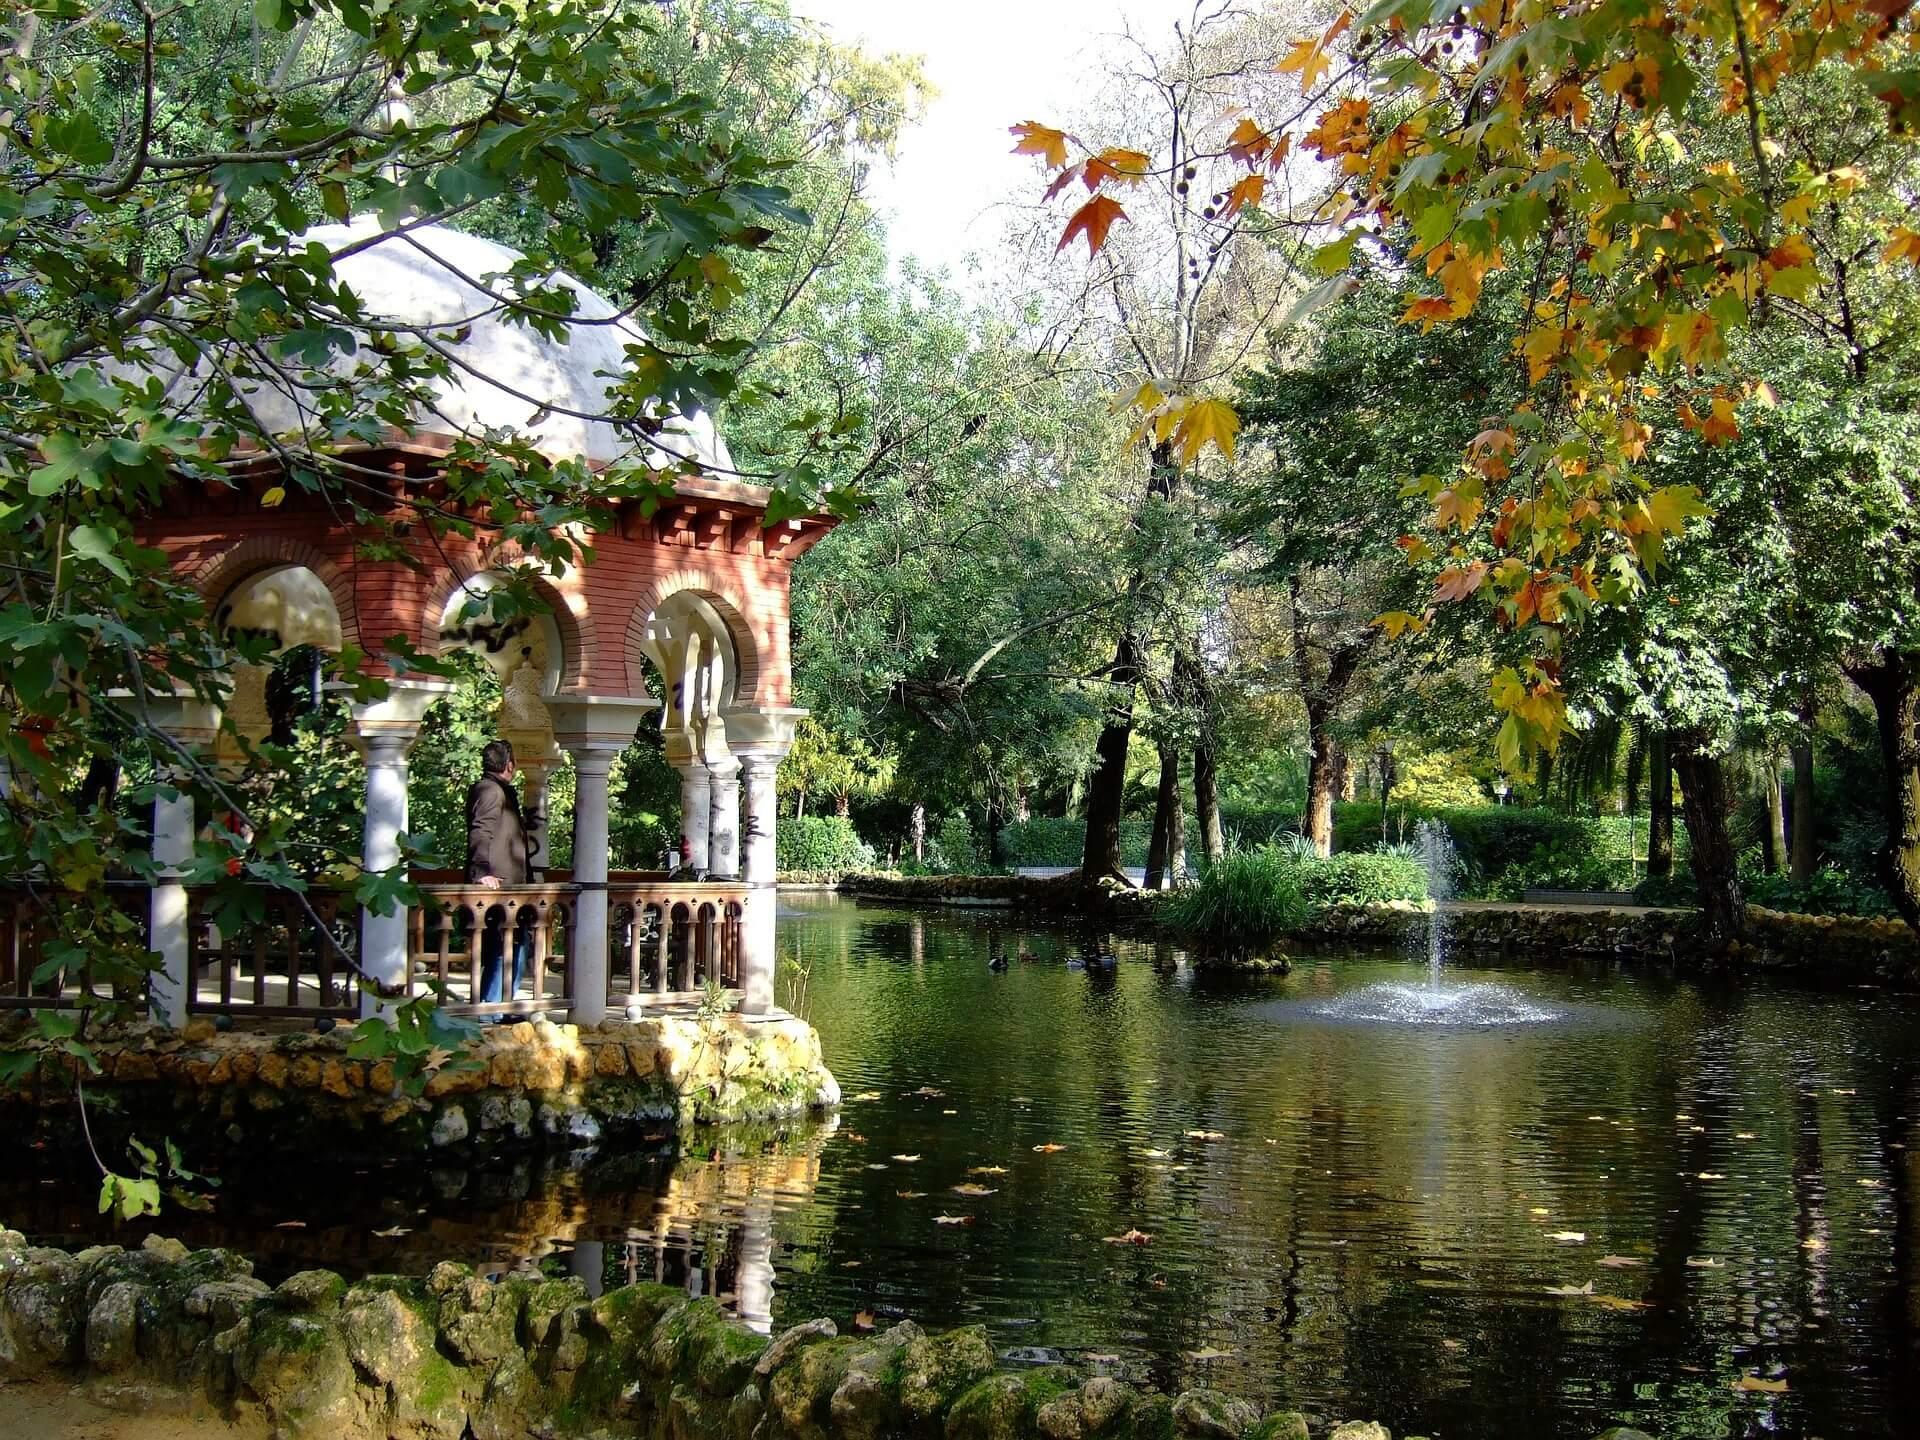 Lago del parque Maria Luisa de Sevilla